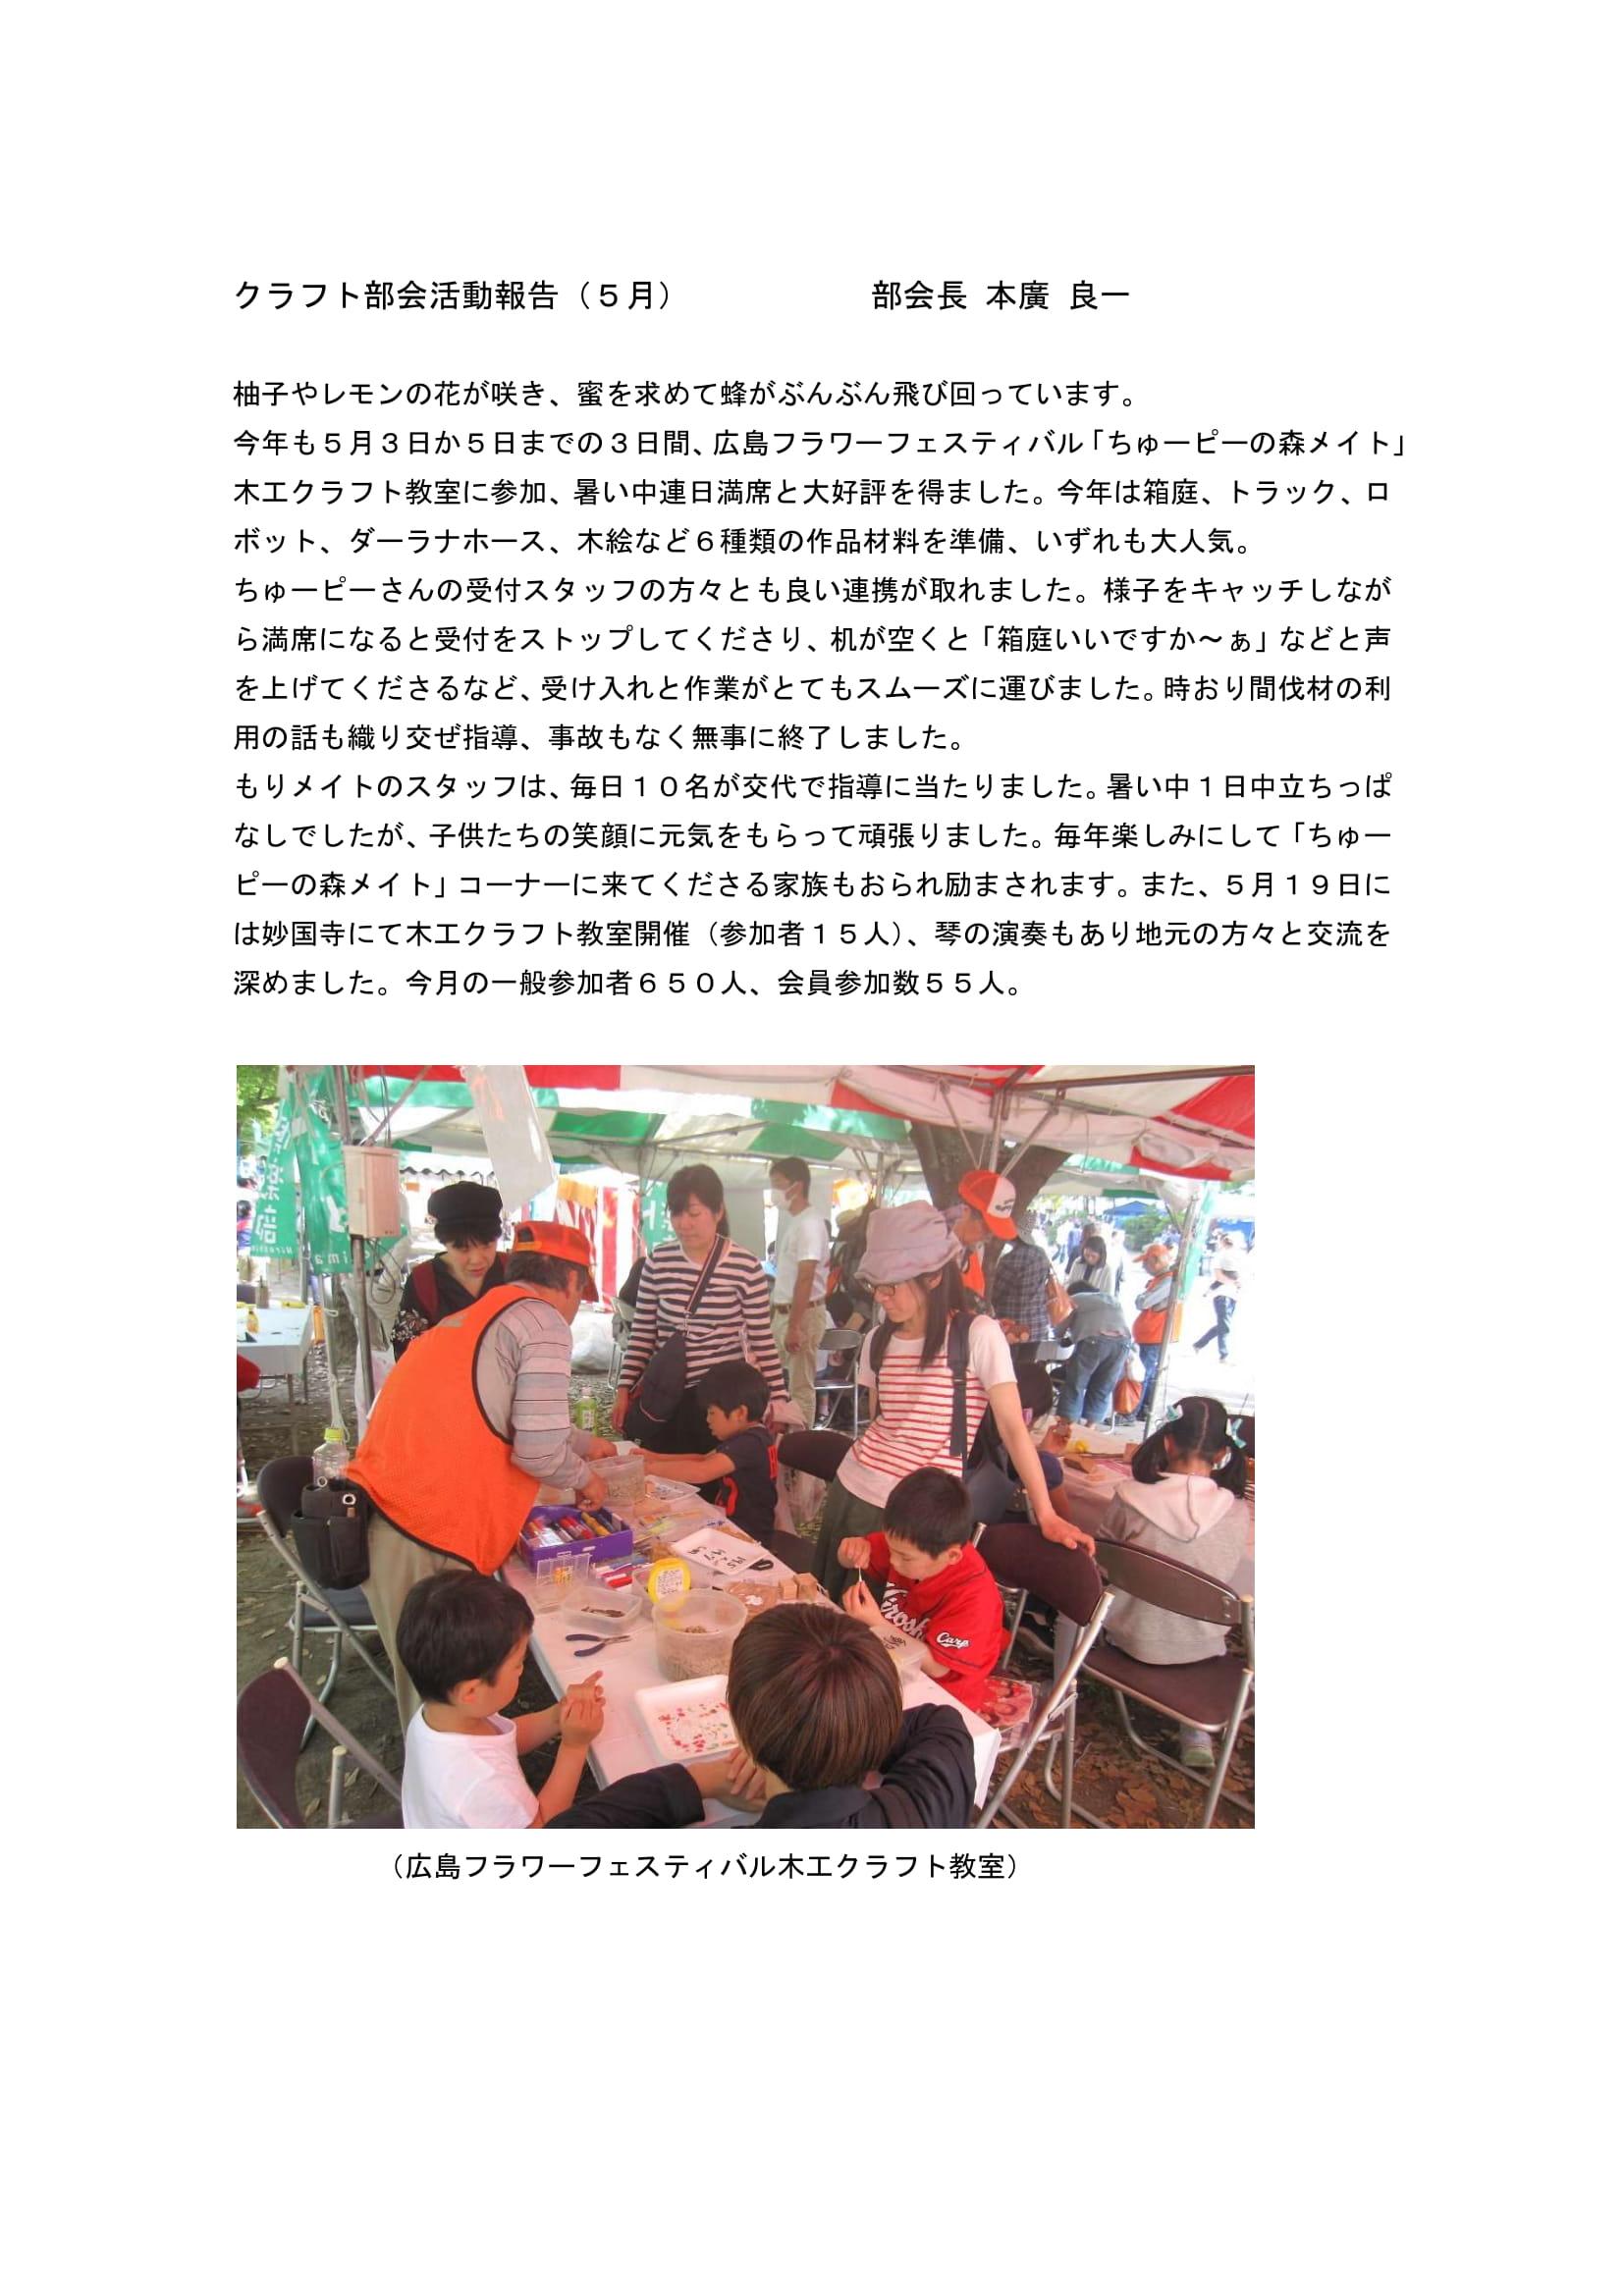 クラフト部会活動報告5月 HPpdf-1